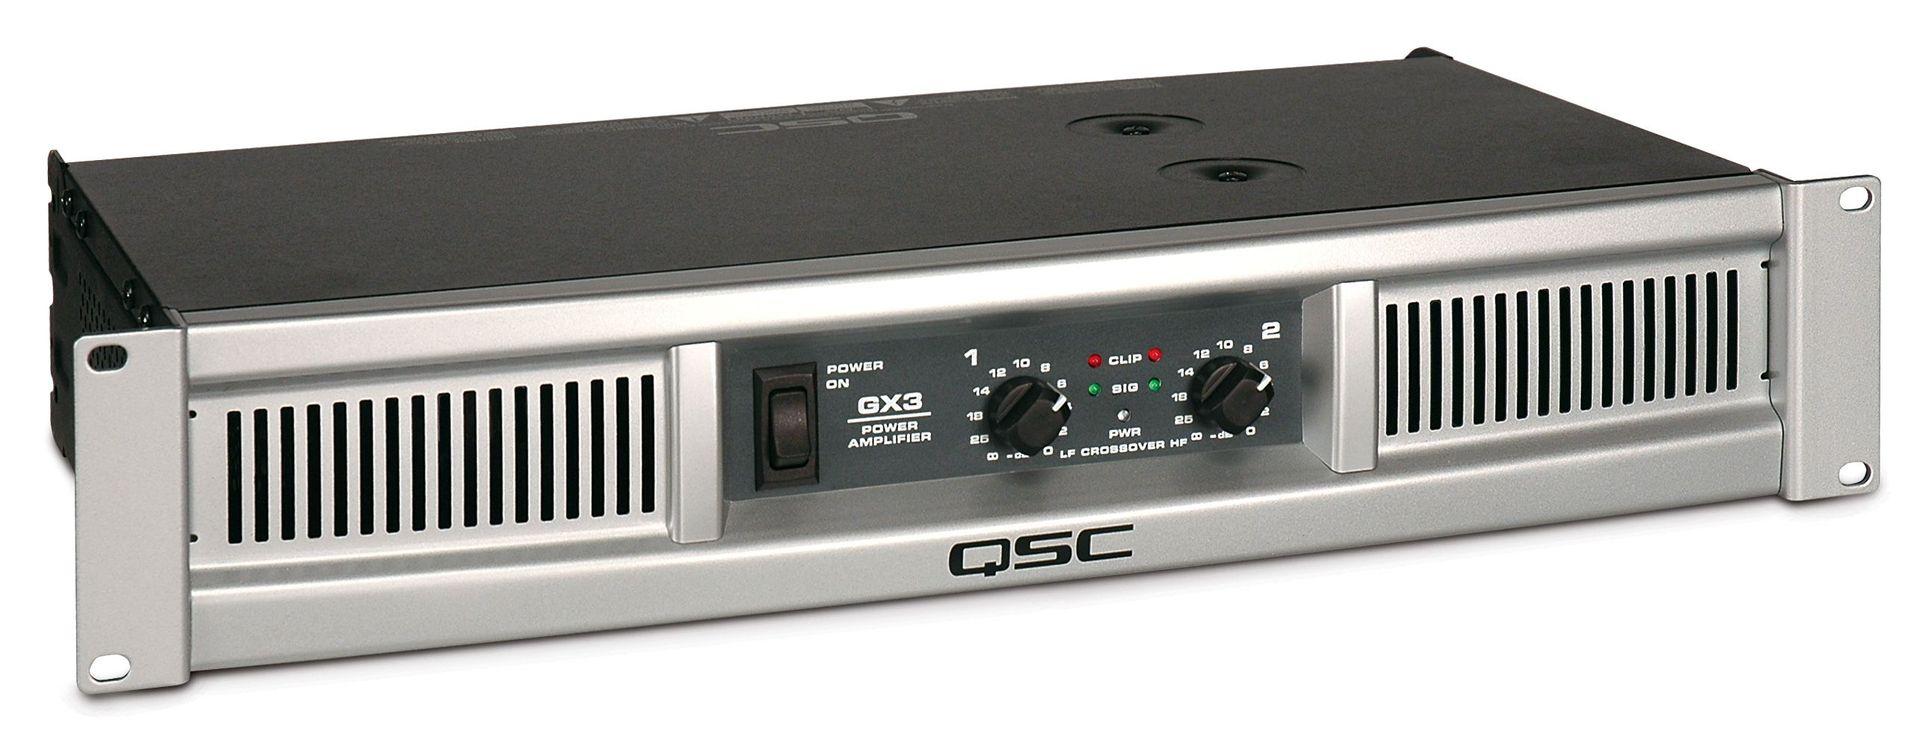 QSC GX 3 Endstufe  2x 425 Watt Power Amp 500 Watt Verstärker 2 HE